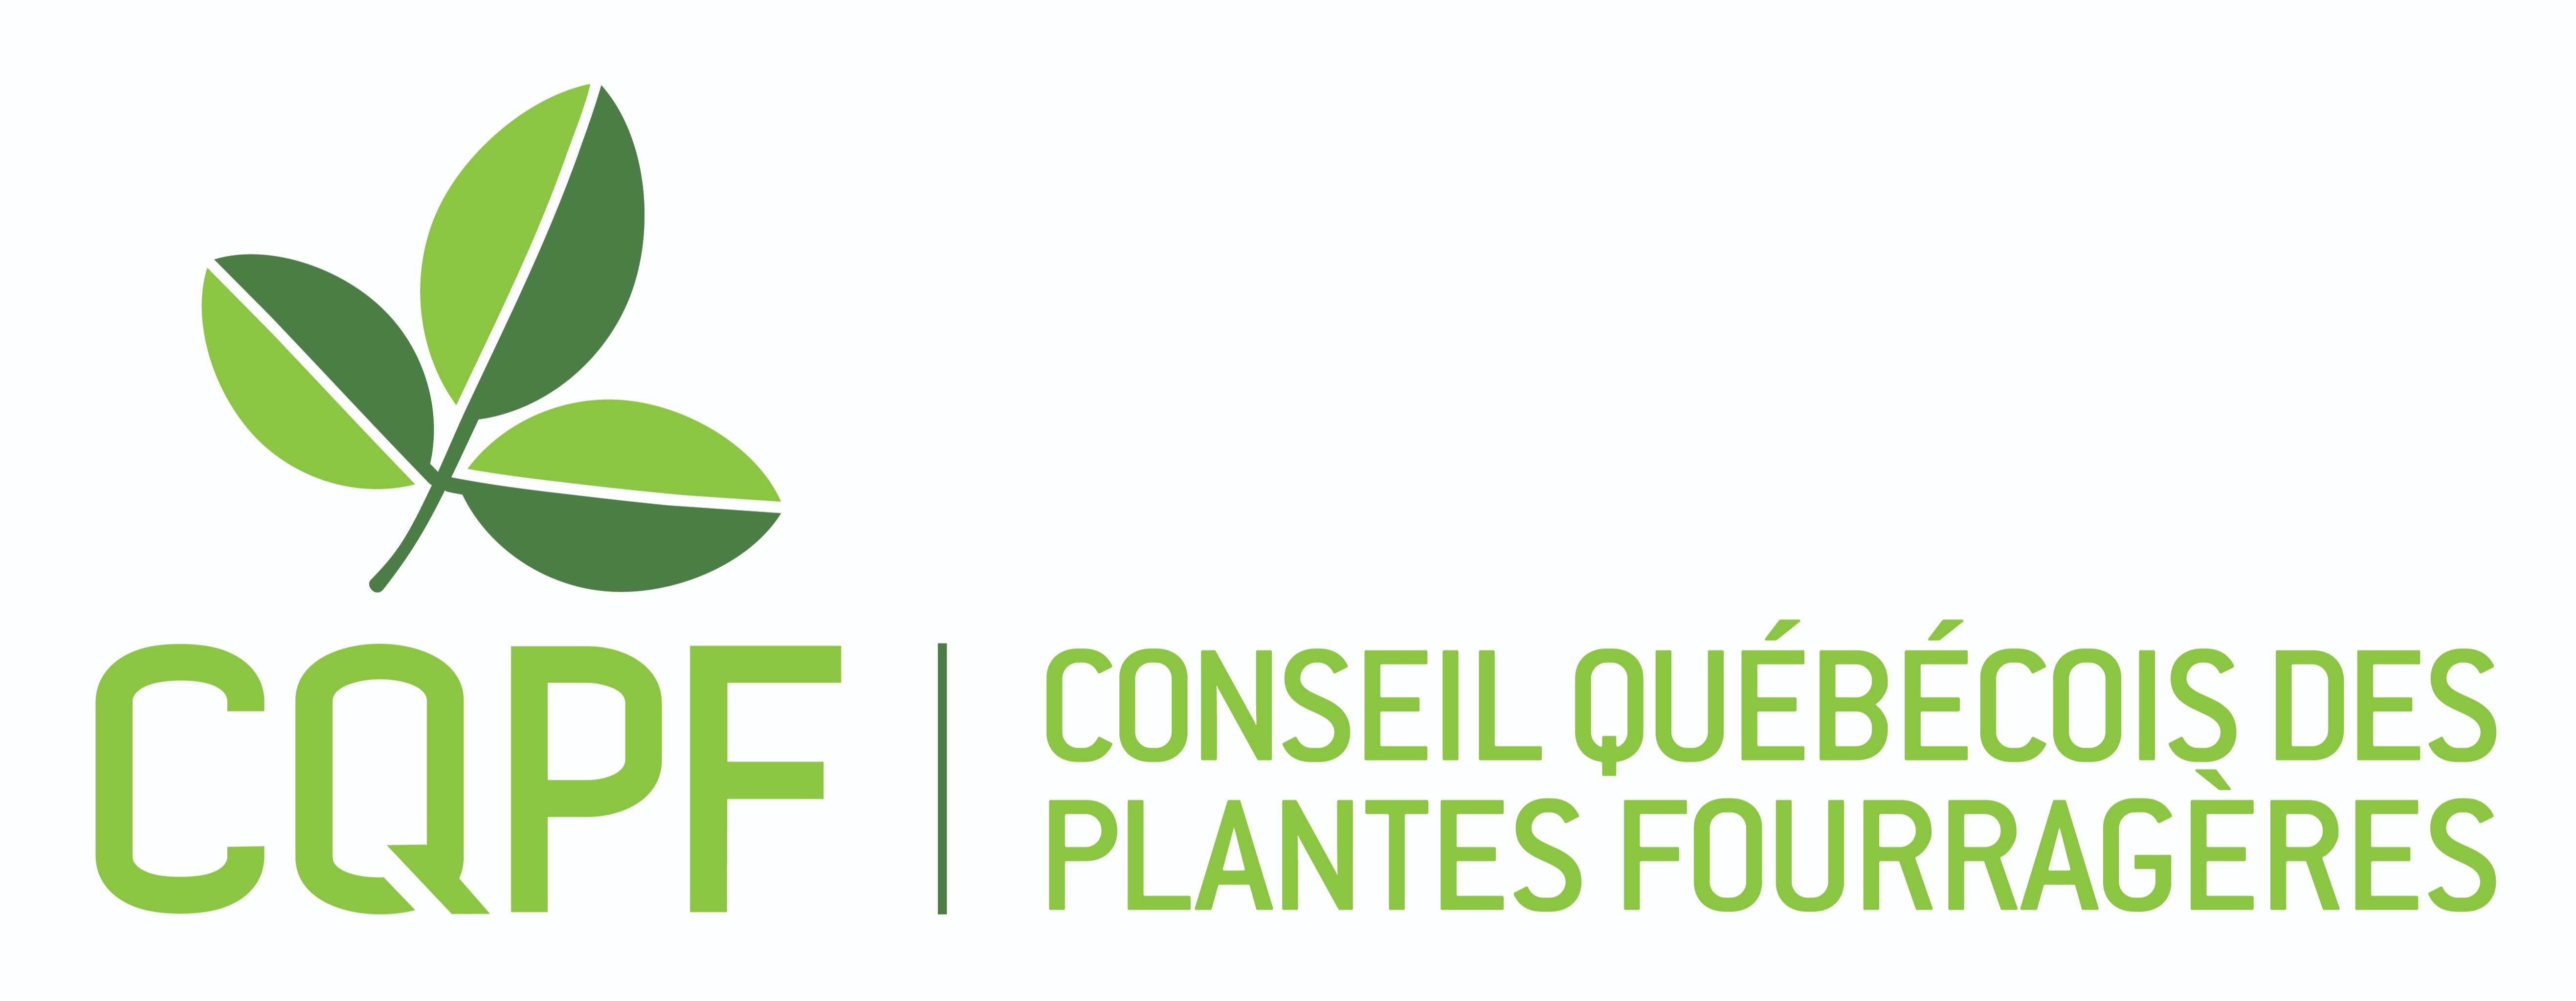 Logo Conseil québécois des plantes fourragères